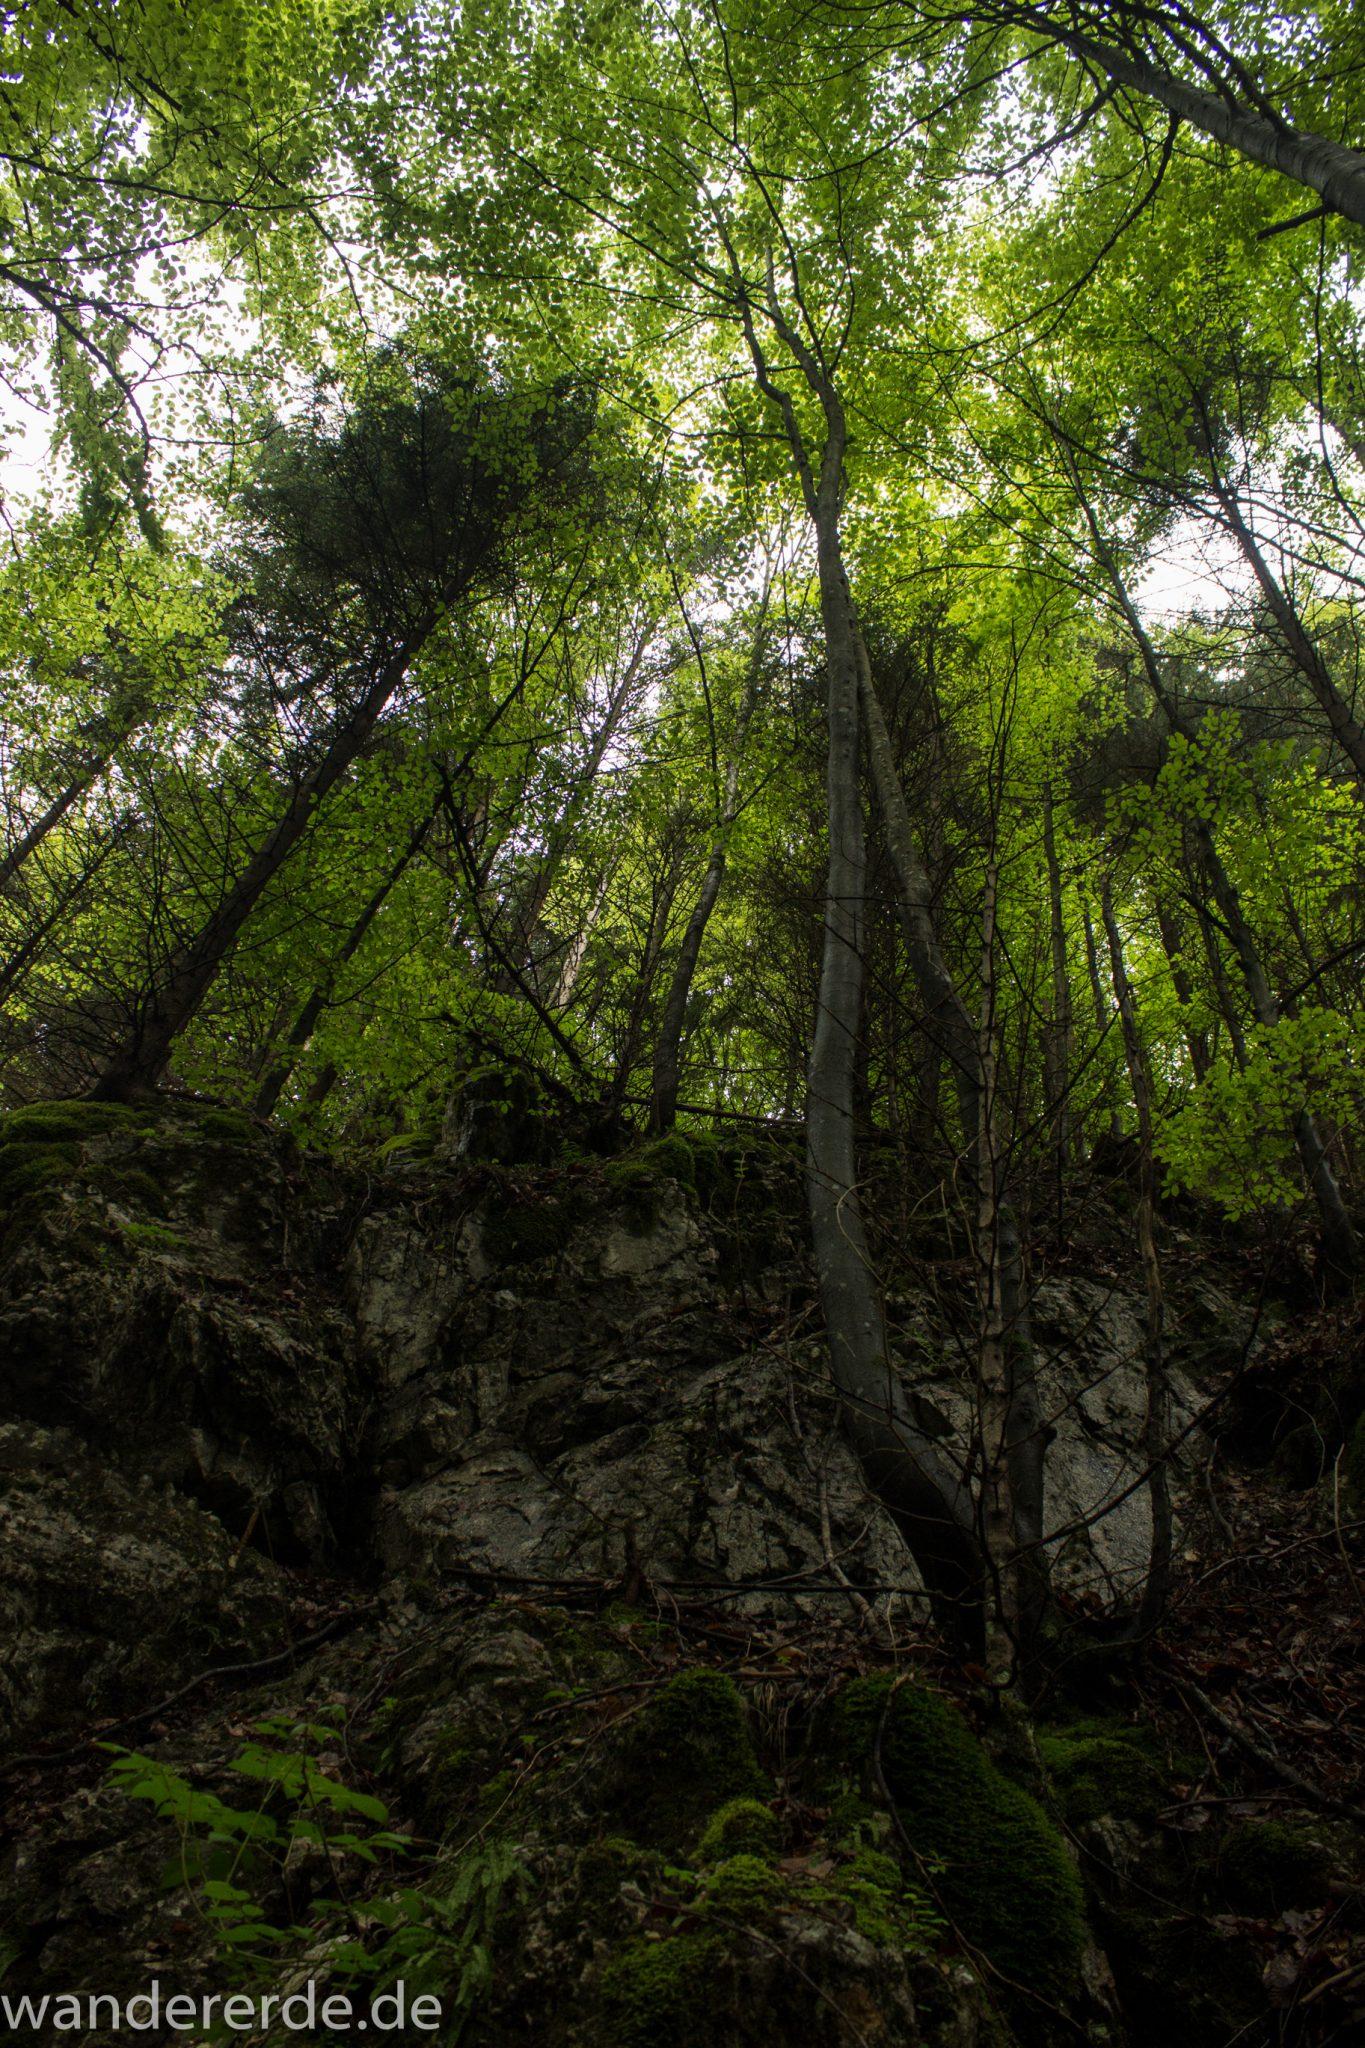 Wanderung beim Alpsee bei Hohenschwangau, schöner schmaler Wanderweg durch Laubwald und Nadelwald, Frühling in Bayern, alte Bäume werden liegen gelassen, große Felsen